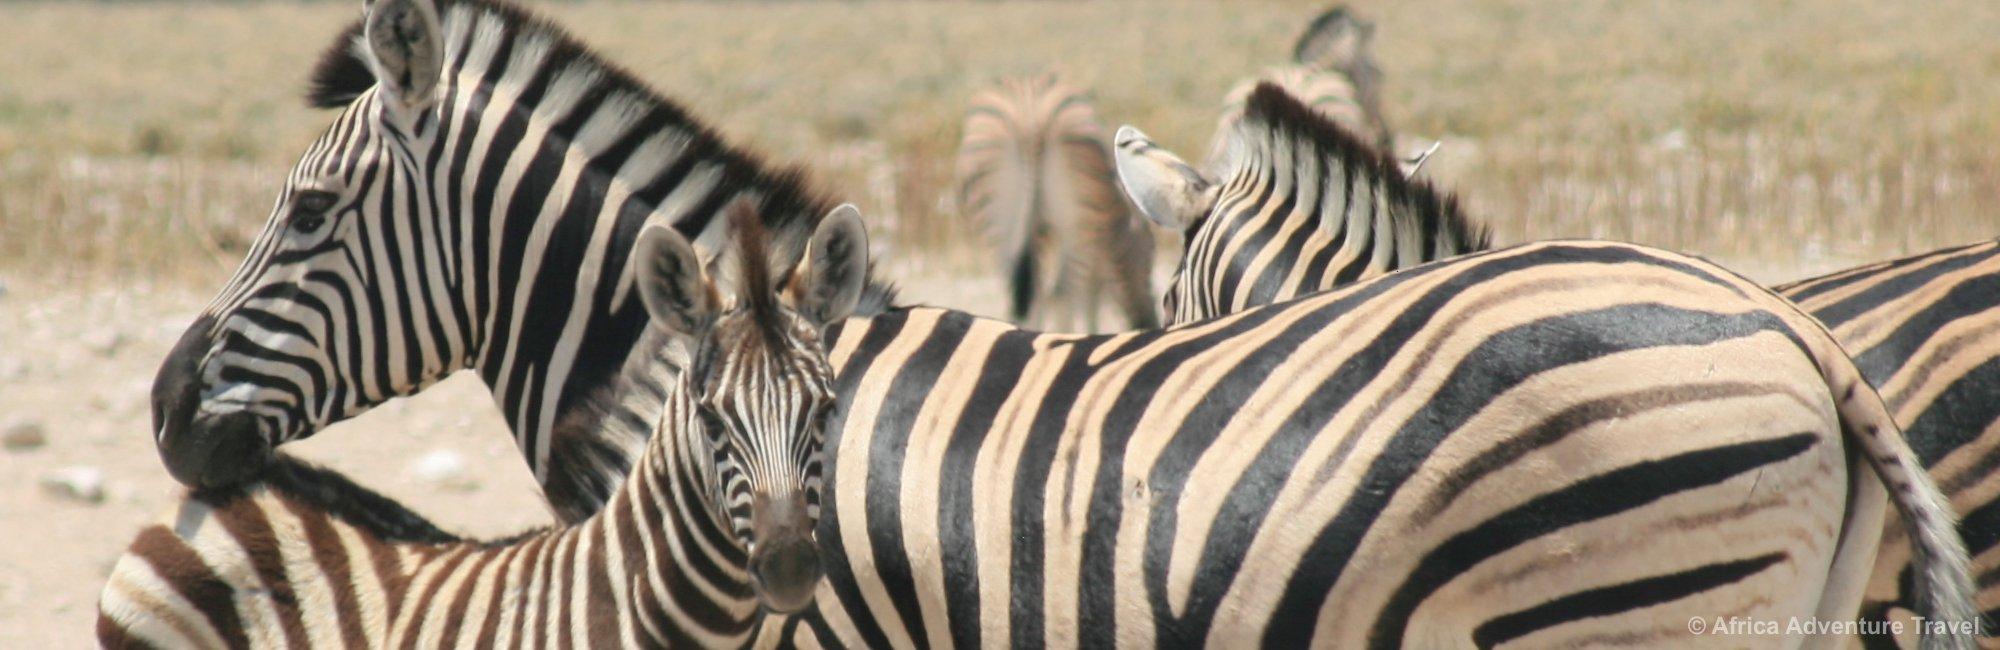 etosha-zebra.jpg